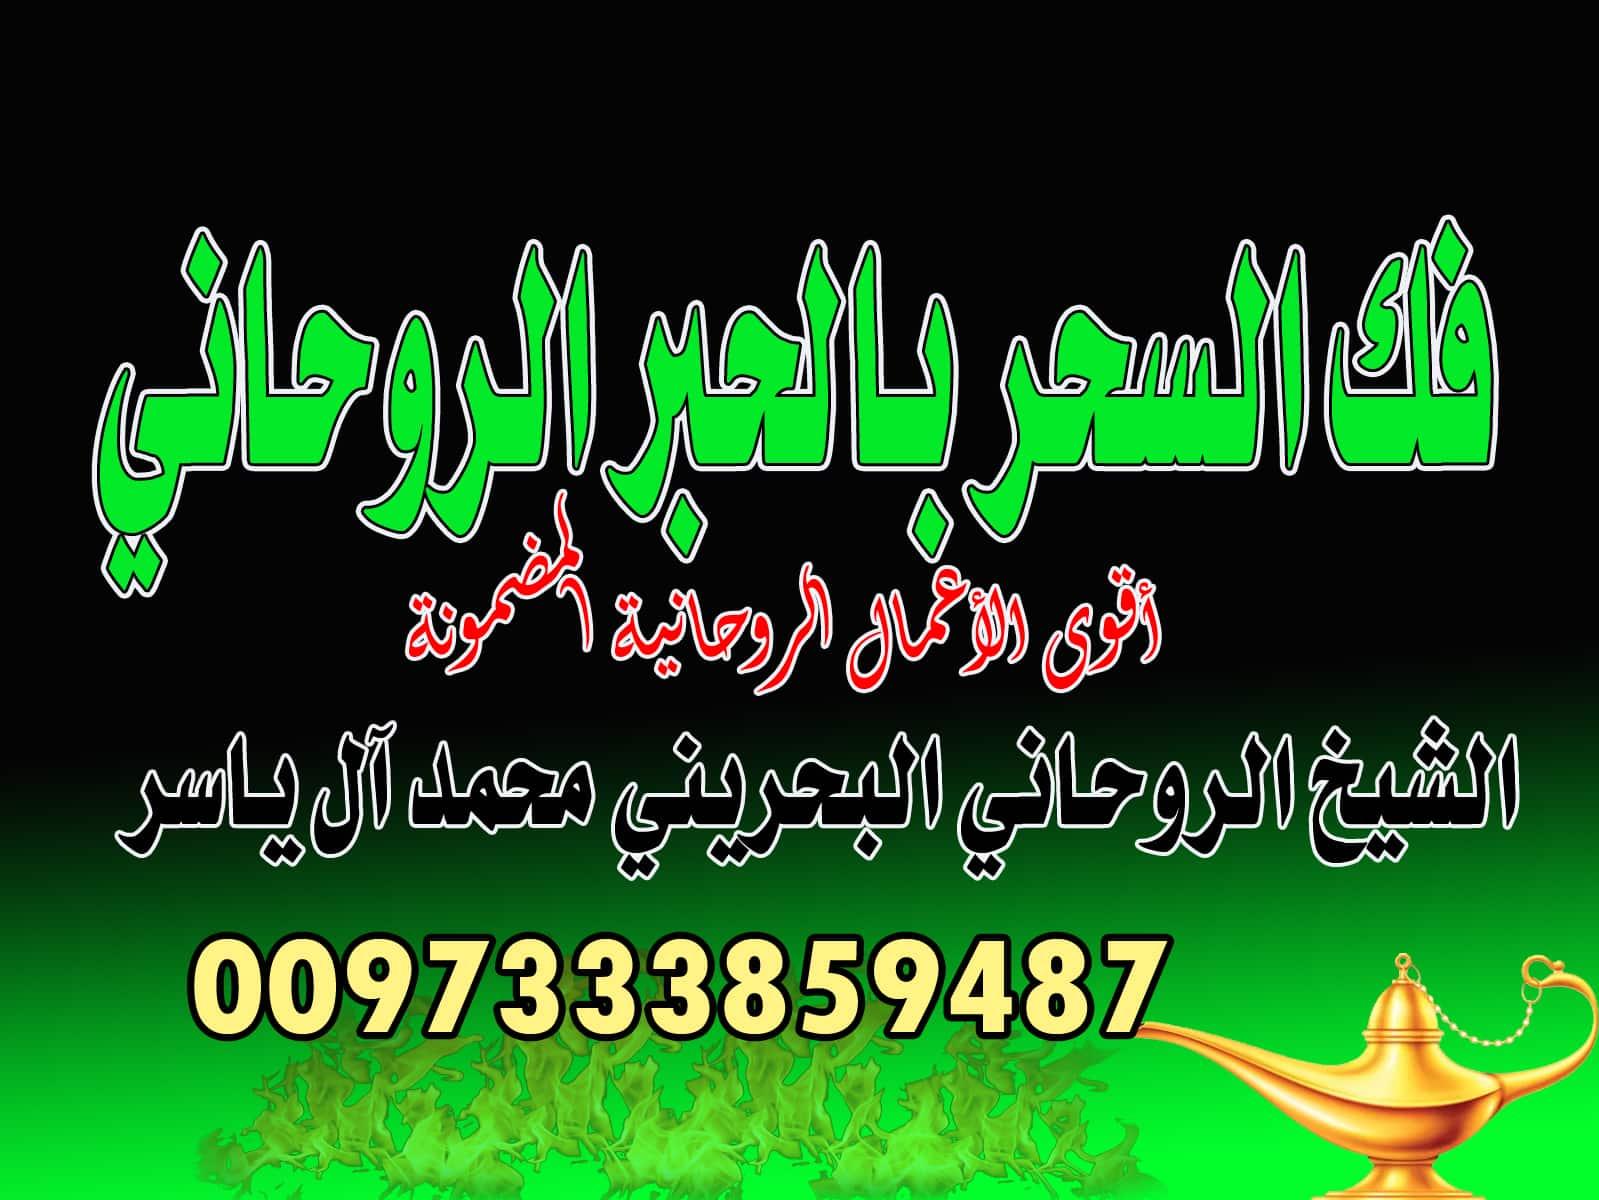 فك السحر بالحبر الروحاني الشيخ الروحاني البحريني محمد آل ياسر 0097333859487